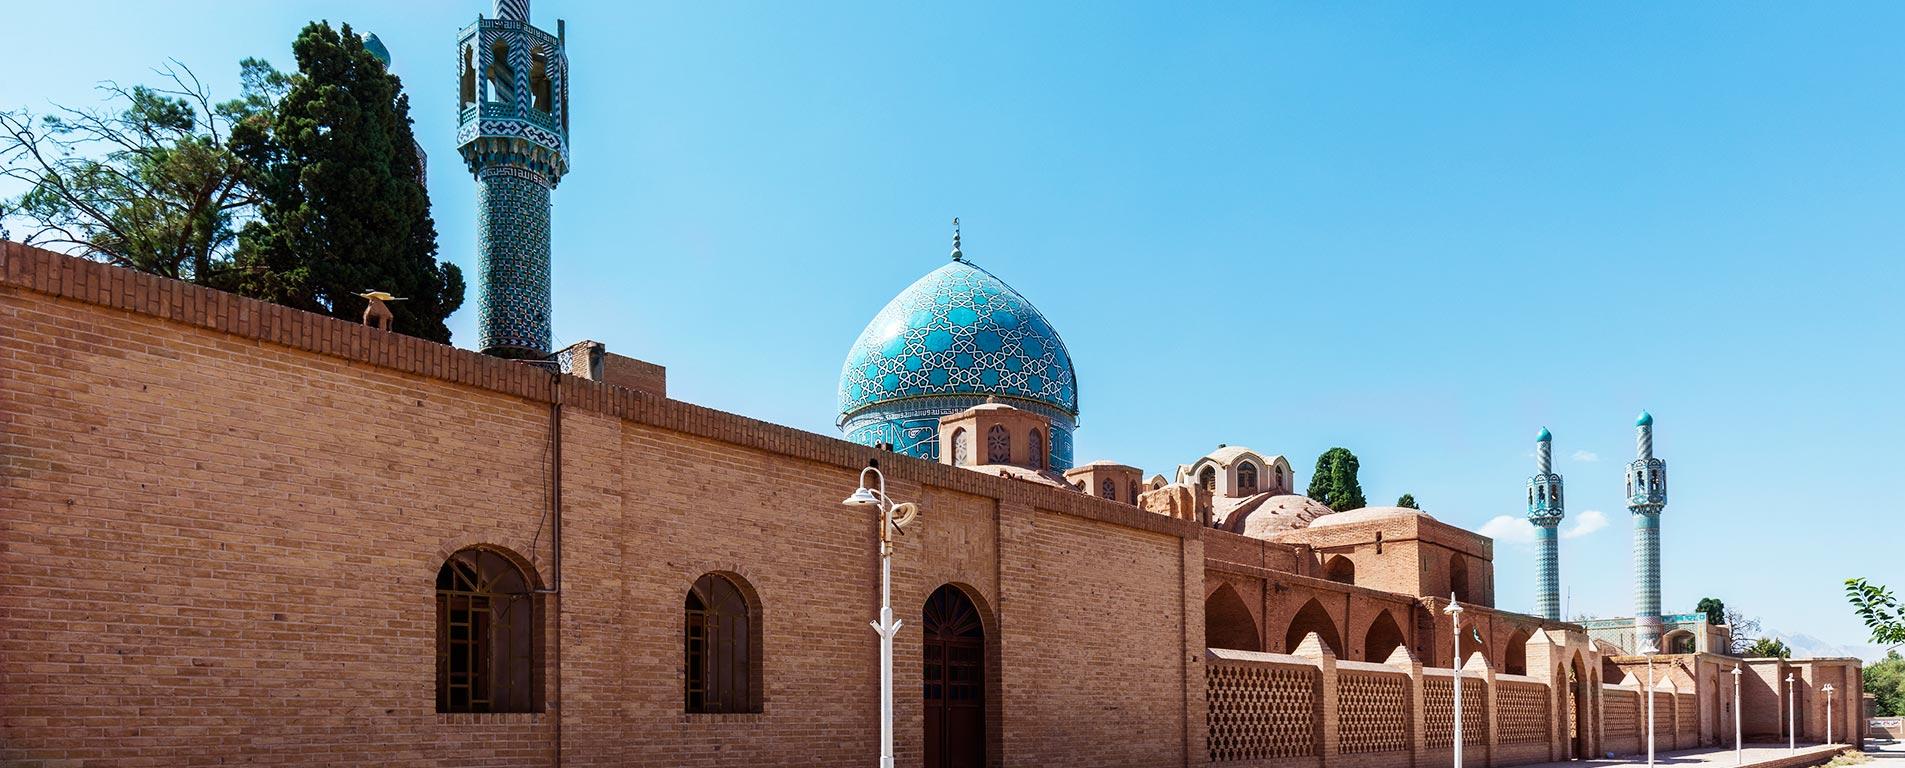 آرامگاه شاه نعمت الله ولی ، یک جای تاریخی در دل شهر ماهان